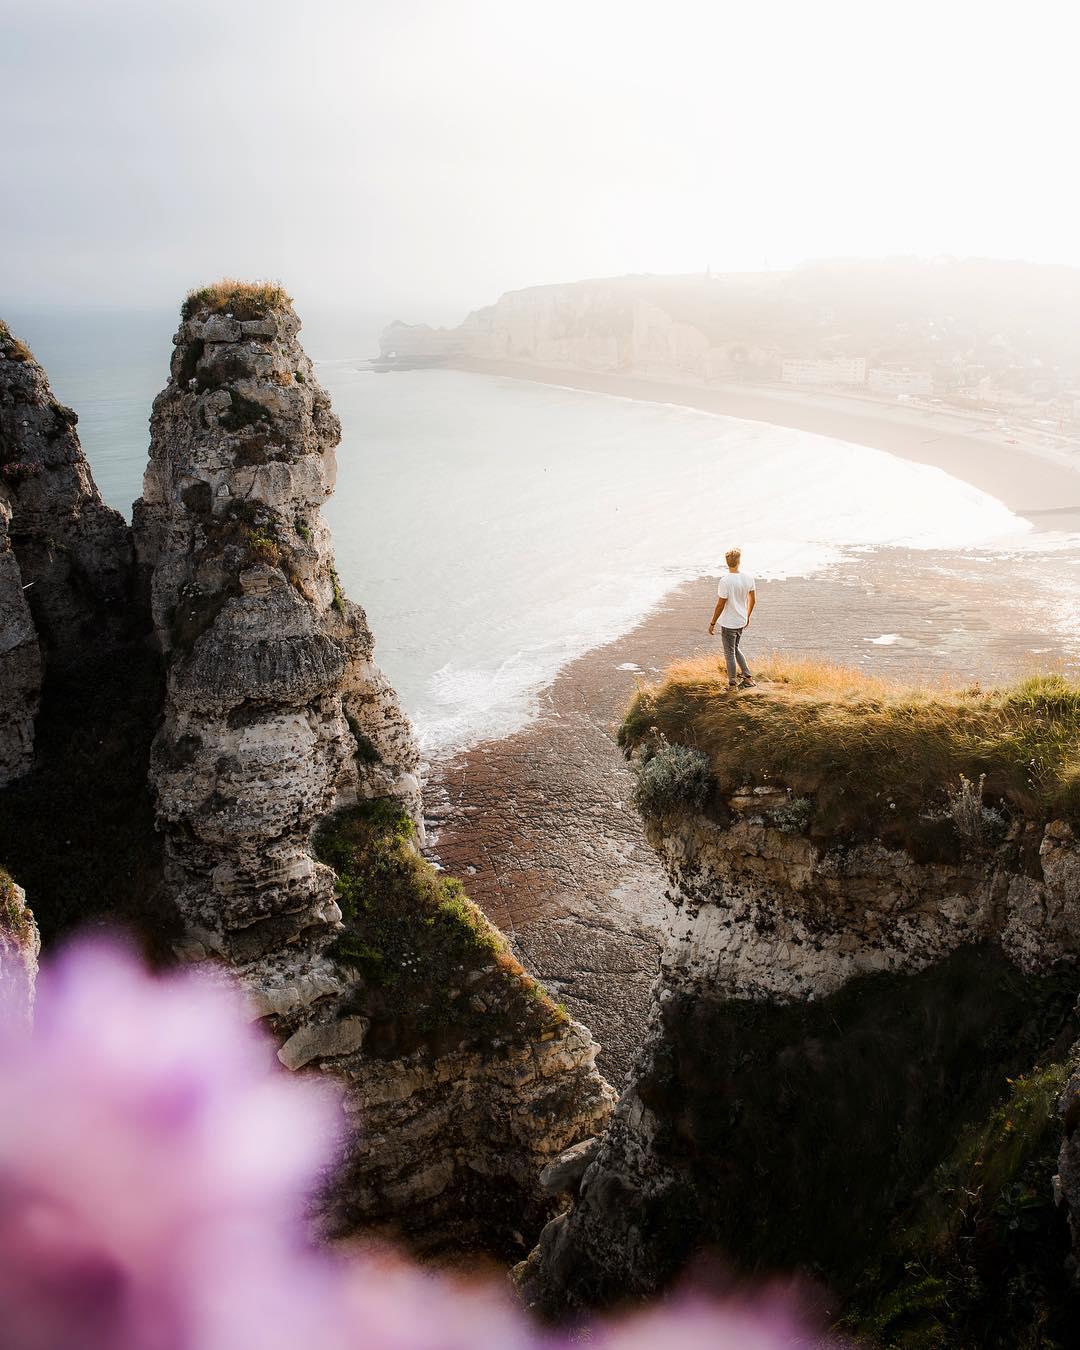 Пейзажи и приключения на снимках Сиарда Бракке